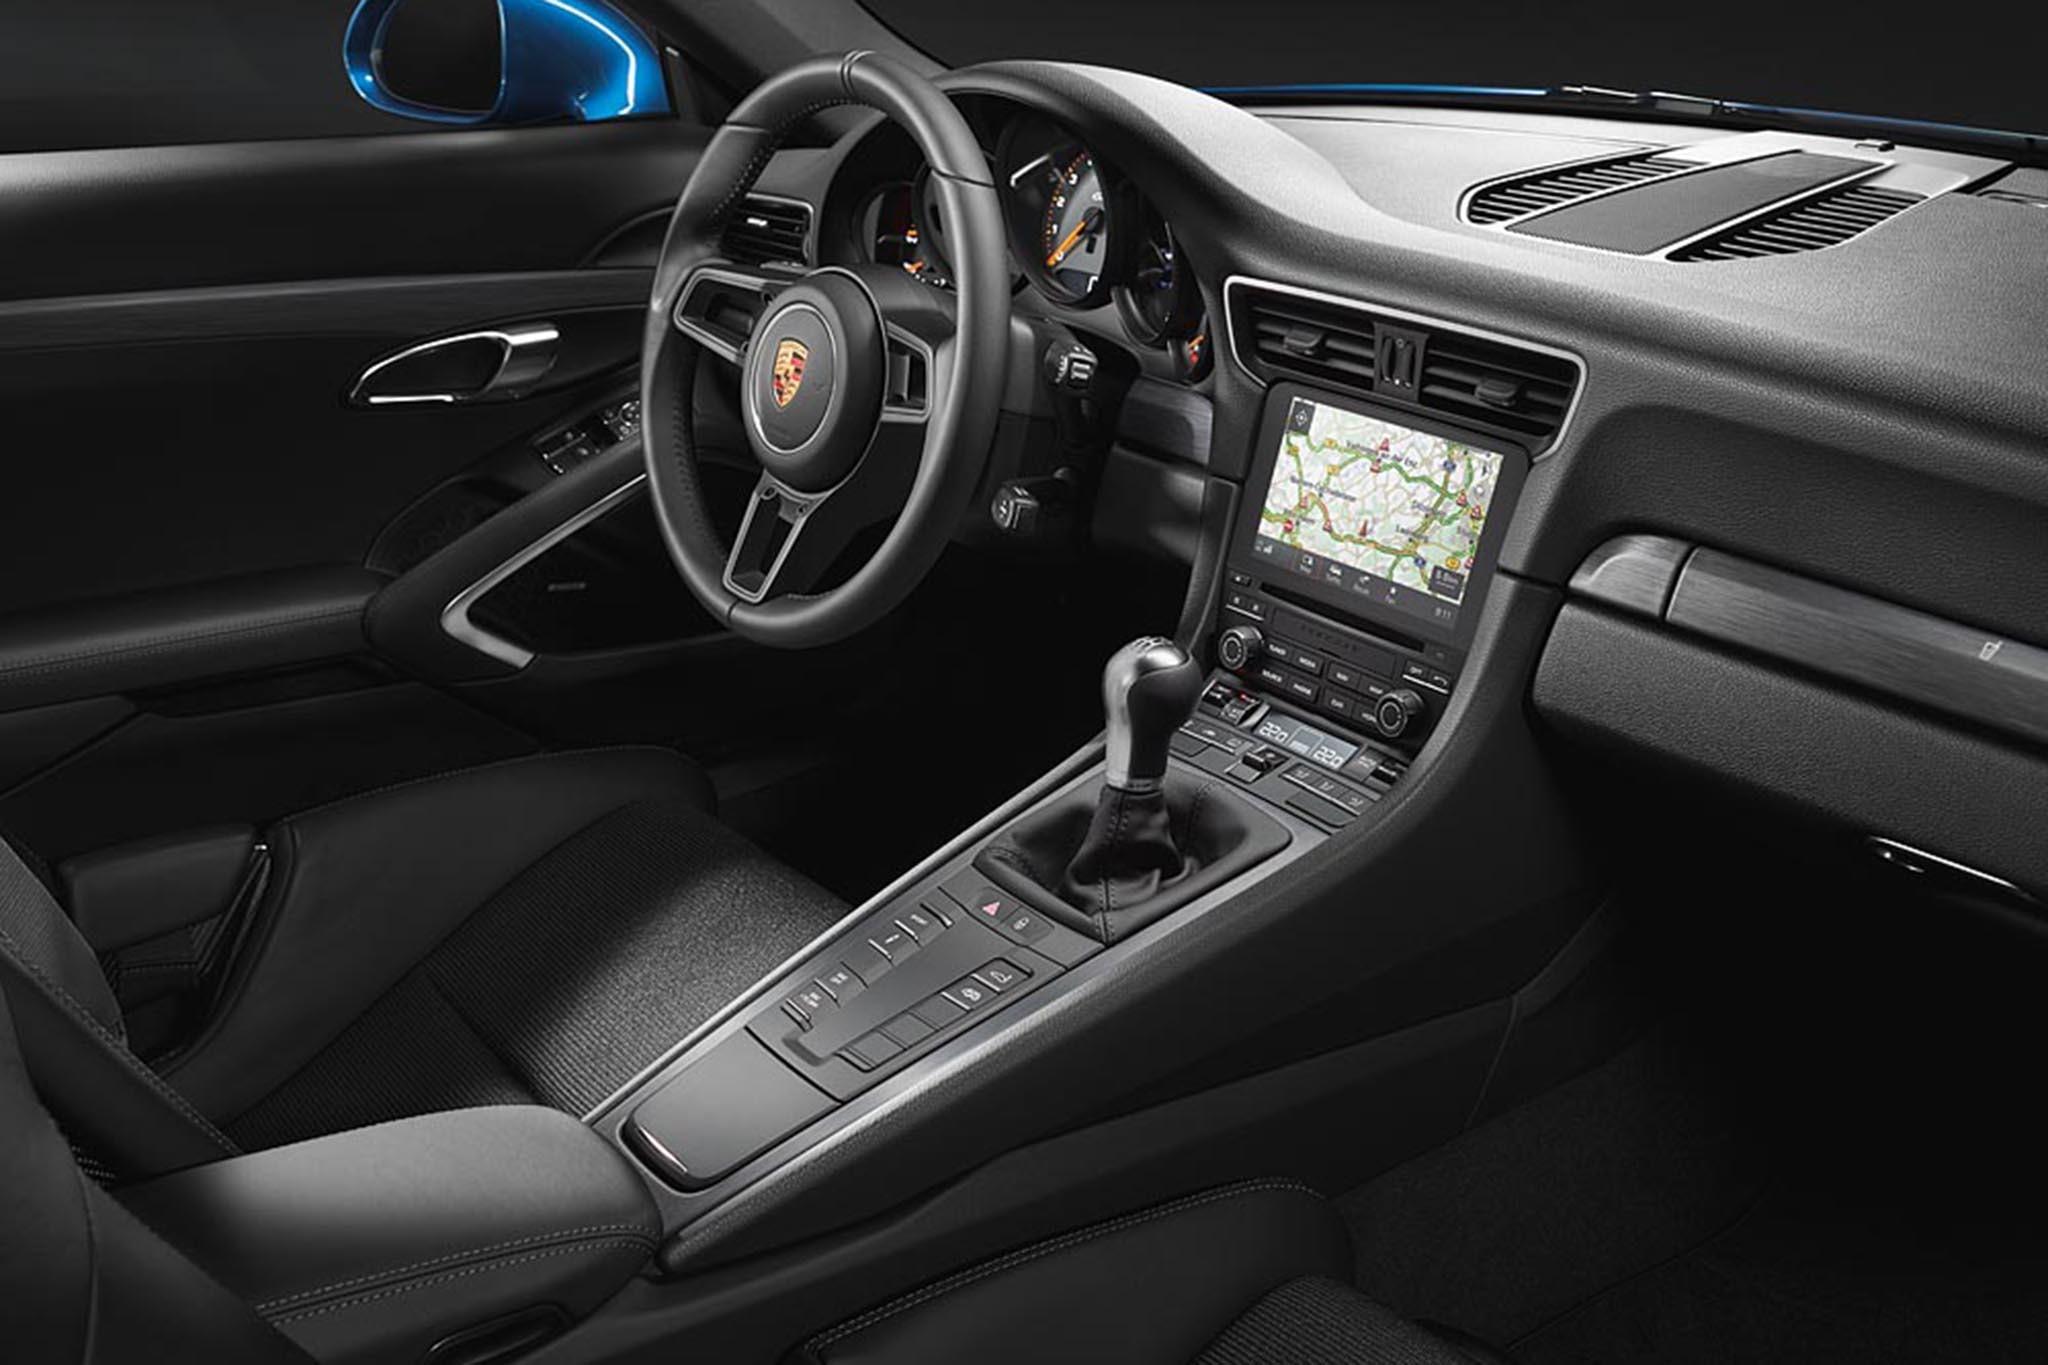 2018 porsche 911 interior. interesting interior other  intended 2018 porsche 911 interior